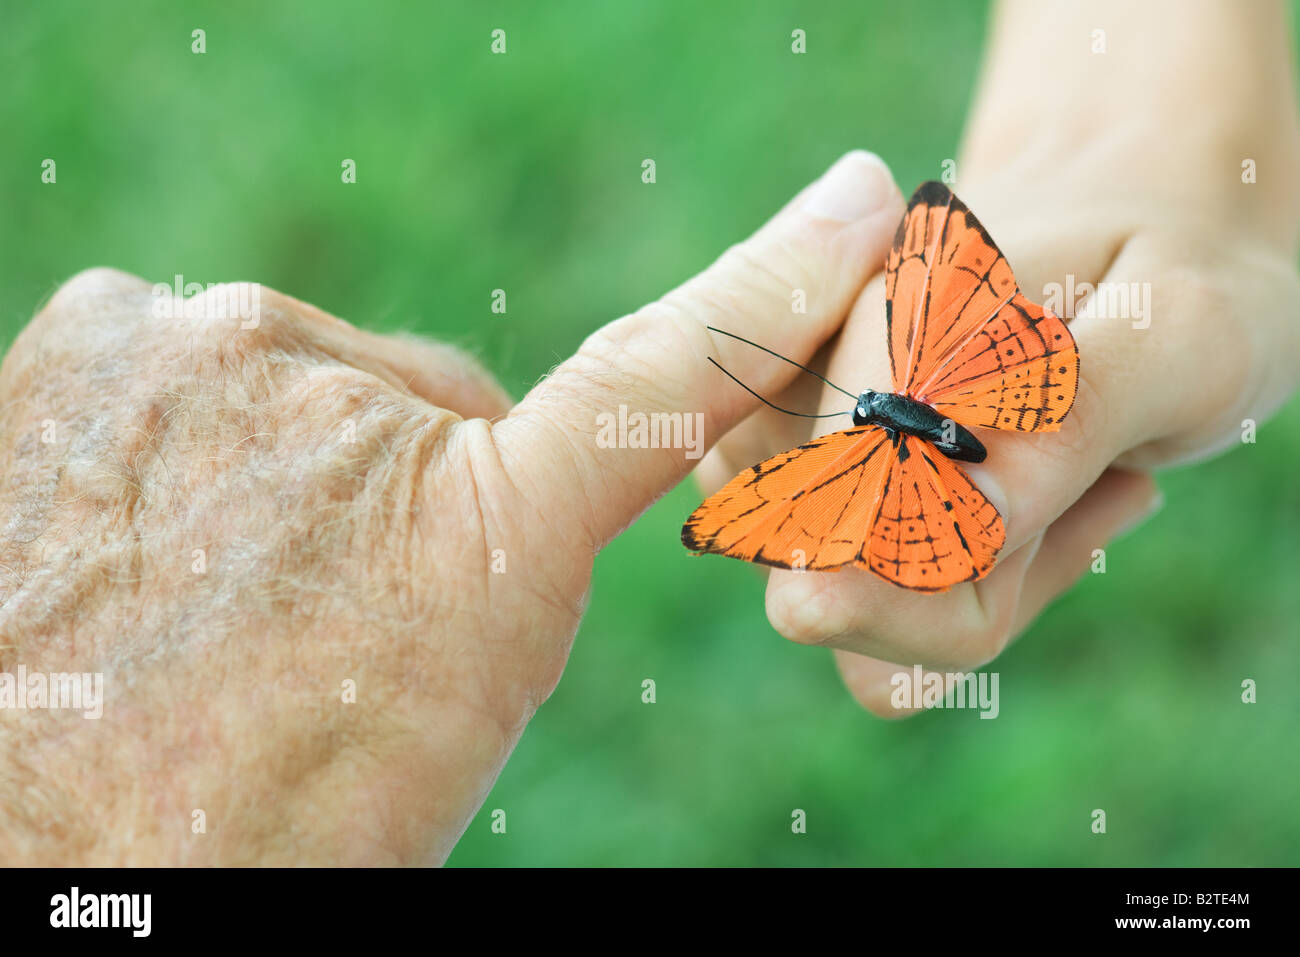 Hände von Kindern und älteren Menschen mit Schmetterling, Nahaufnahme Stockbild